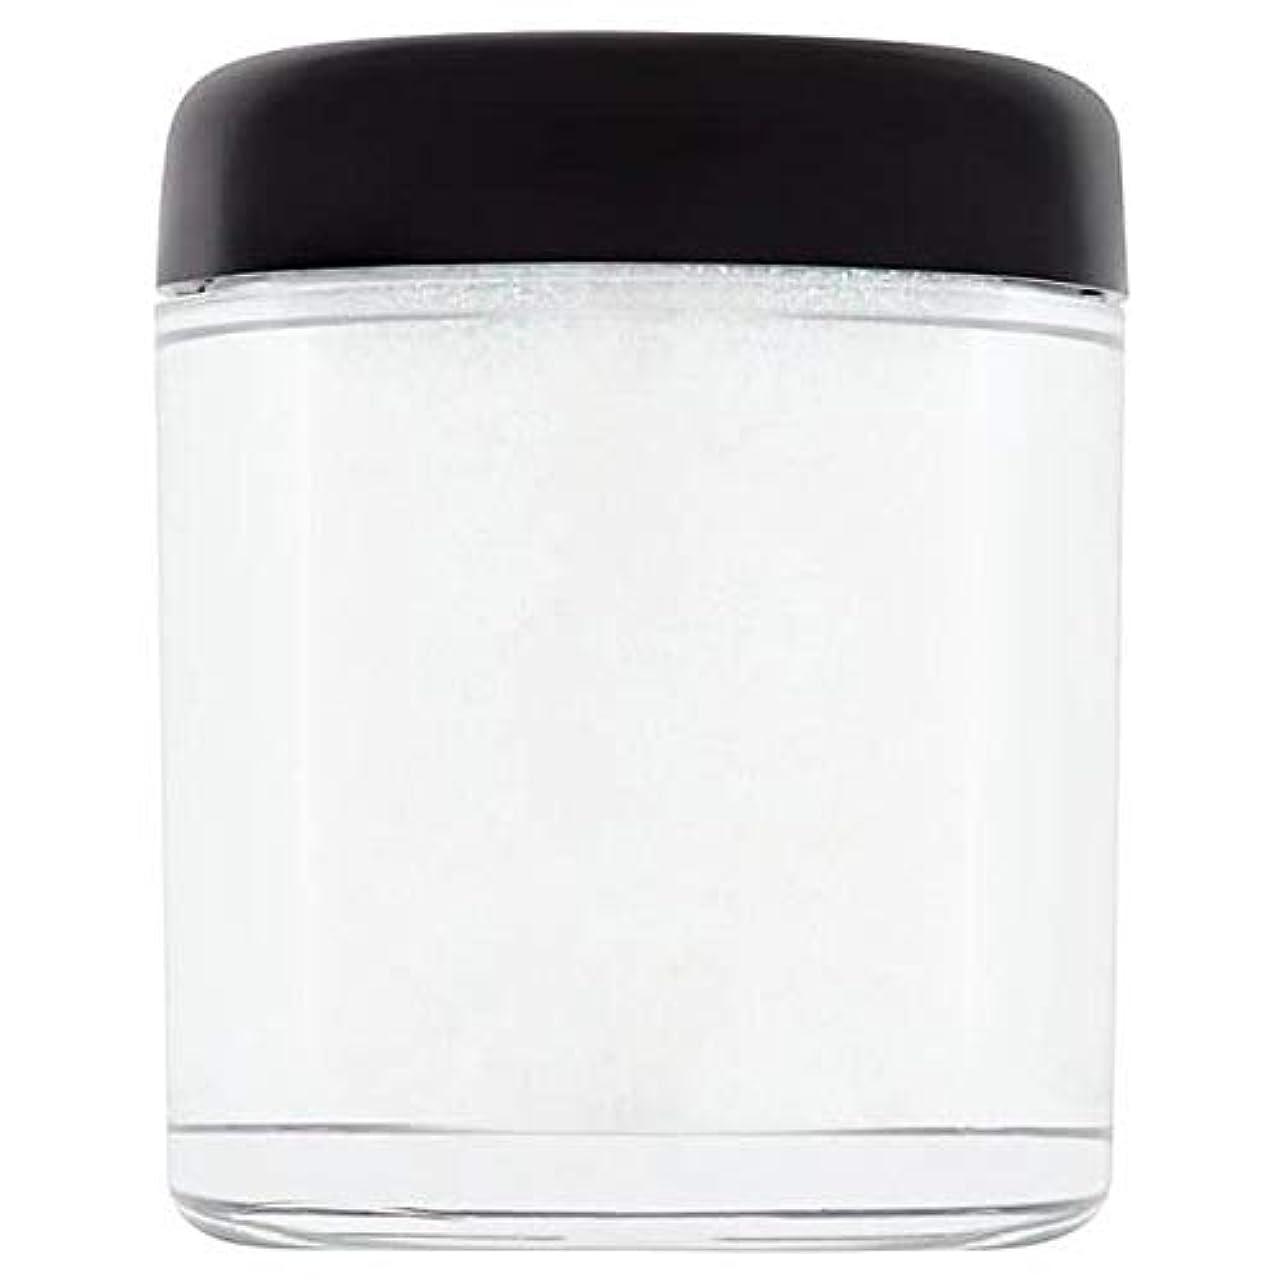 バッチ修道院好色な[Collection ] 収集グラムの結晶がフェイス&ボディの輝きユニコーンの涙1 - Collection Glam Crystals Face & Body Glitter Unicorn Tears 1 [並行輸入品]